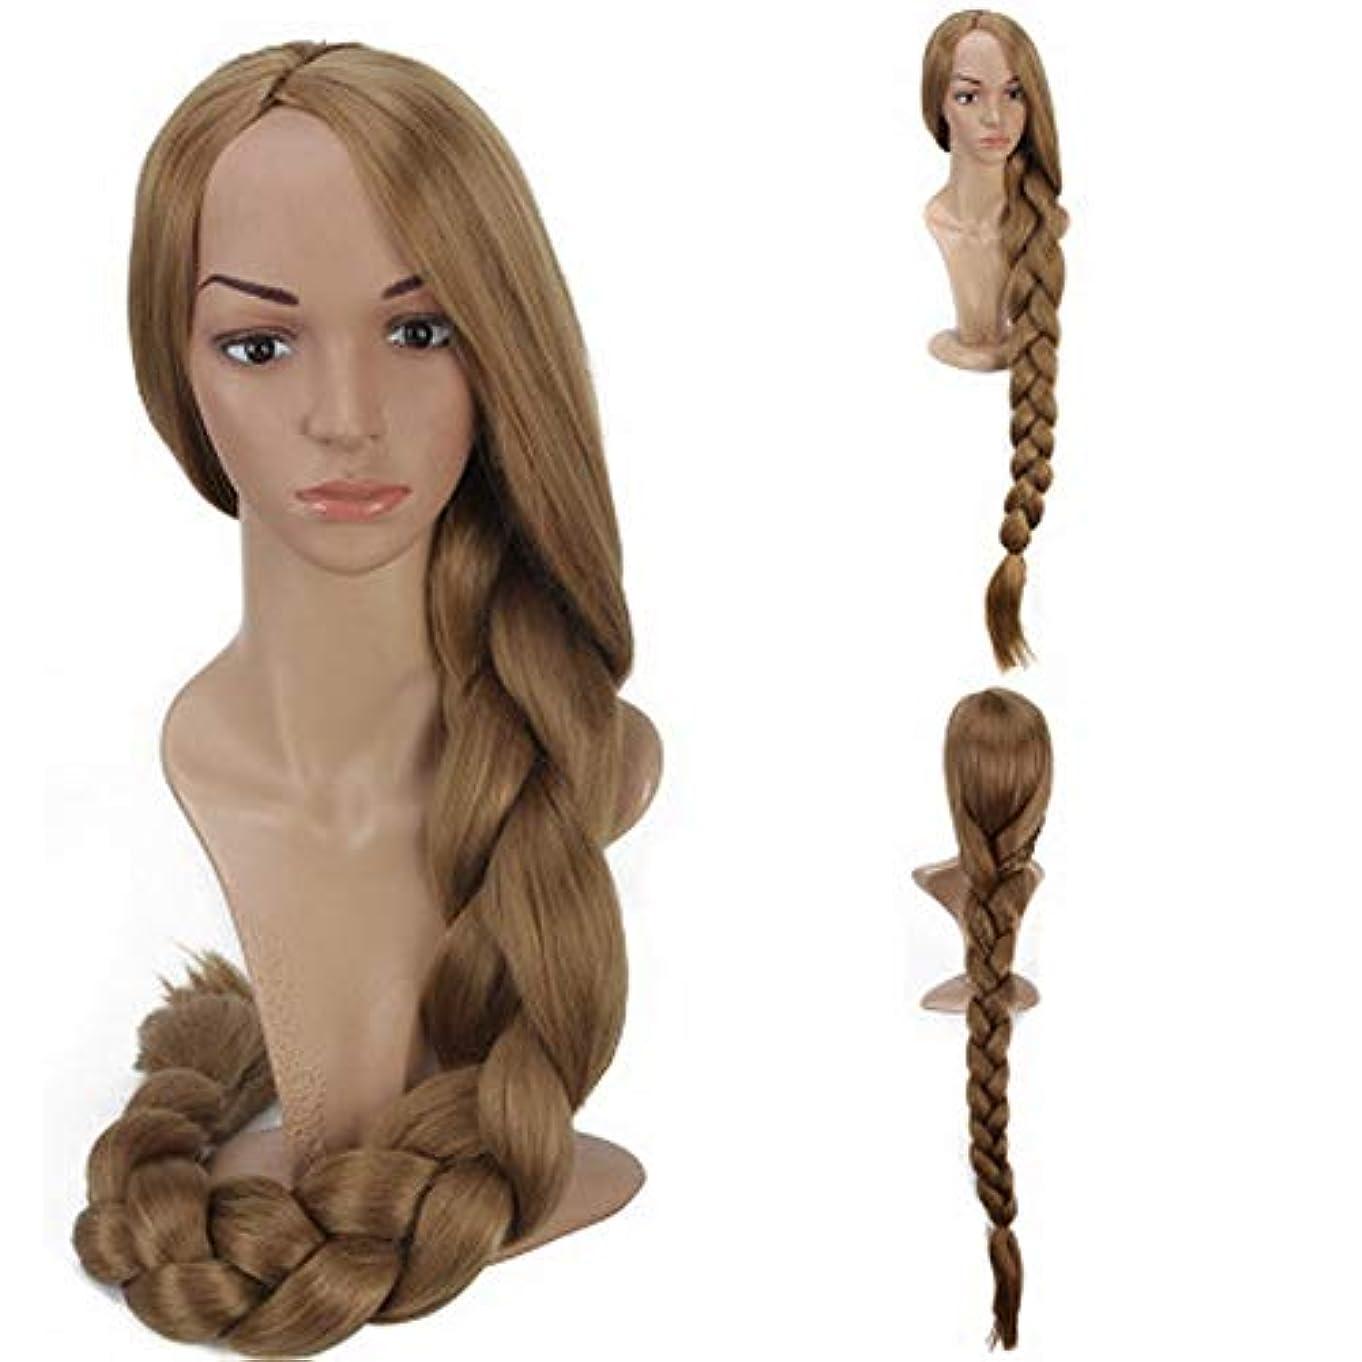 電報ライバル権限女性のための色のかつら長いウェーブのかかった髪、高密度温度合成かつら女性のグルーレスウェーブのかかったコスプレヘアウィッグ、女性のための耐熱繊維の髪のかつら、紫色のウィッグ47インチ